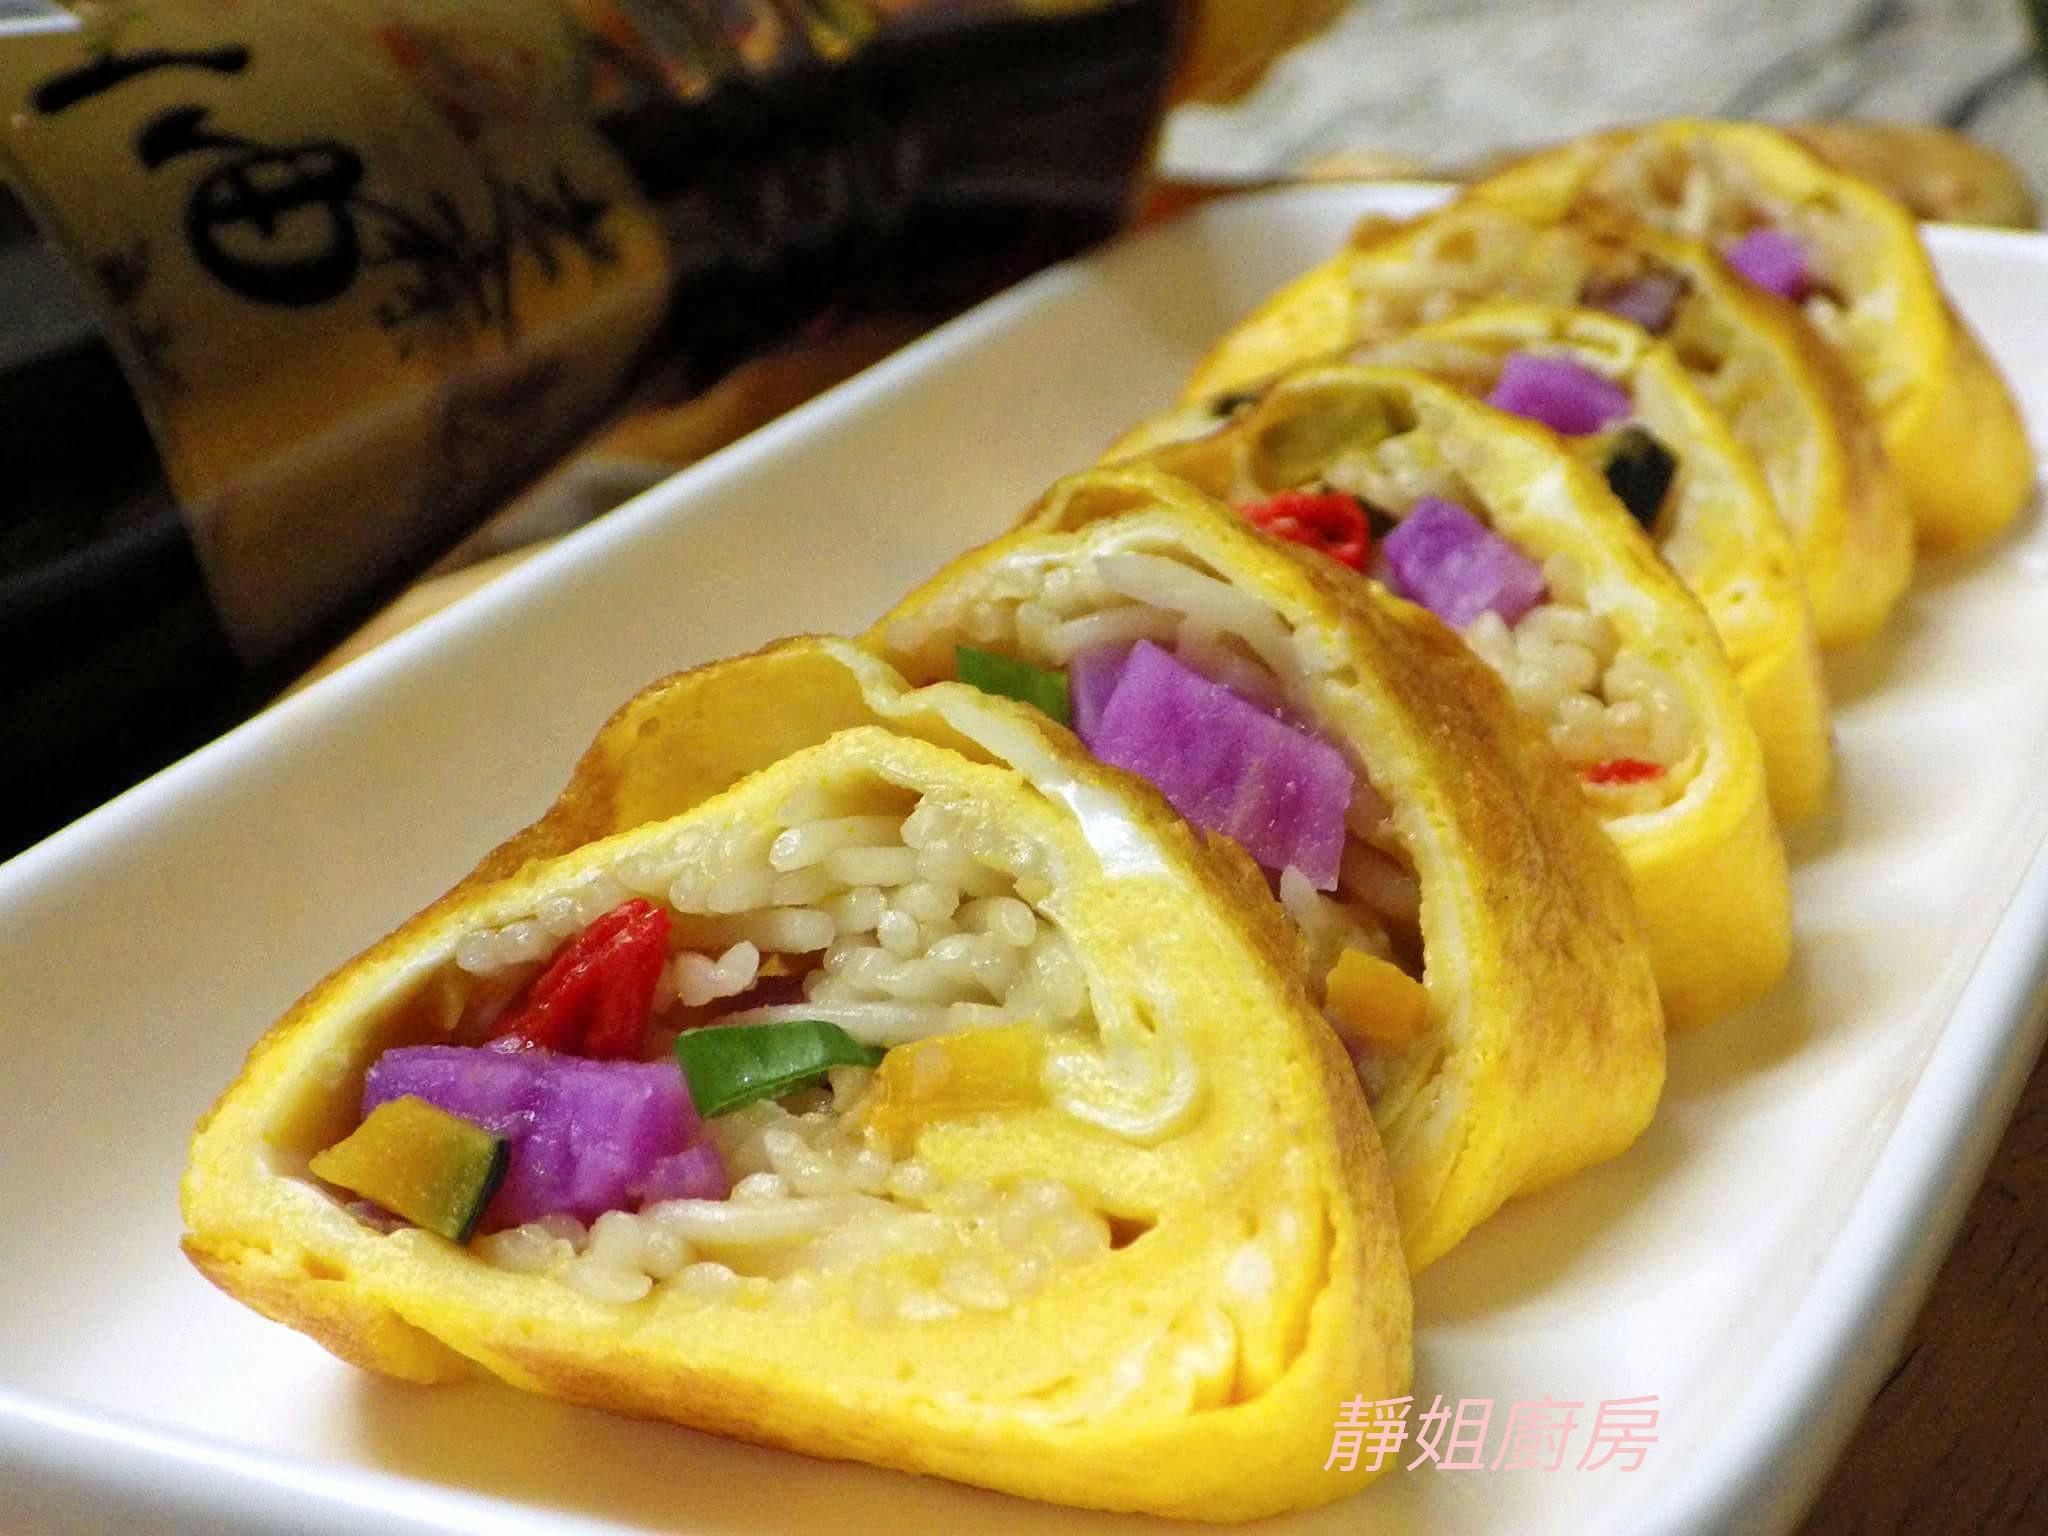 麻油麵線蔬食蛋捲【福壽純芝麻油玩料理】